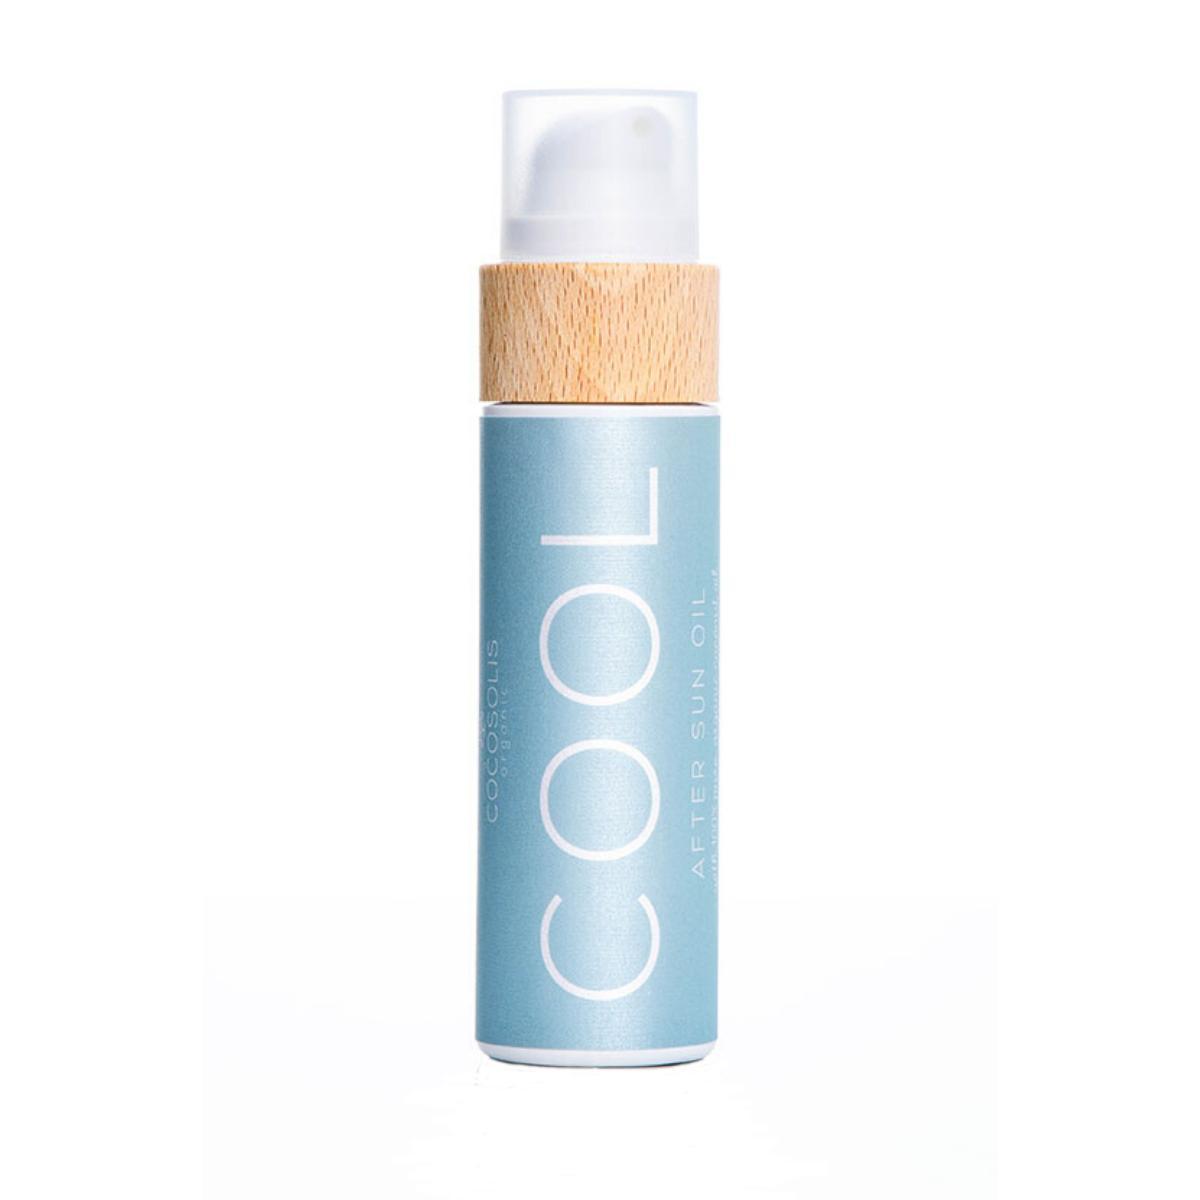 COCOSOLIS organic Chladivý olej po opalování 110 ml